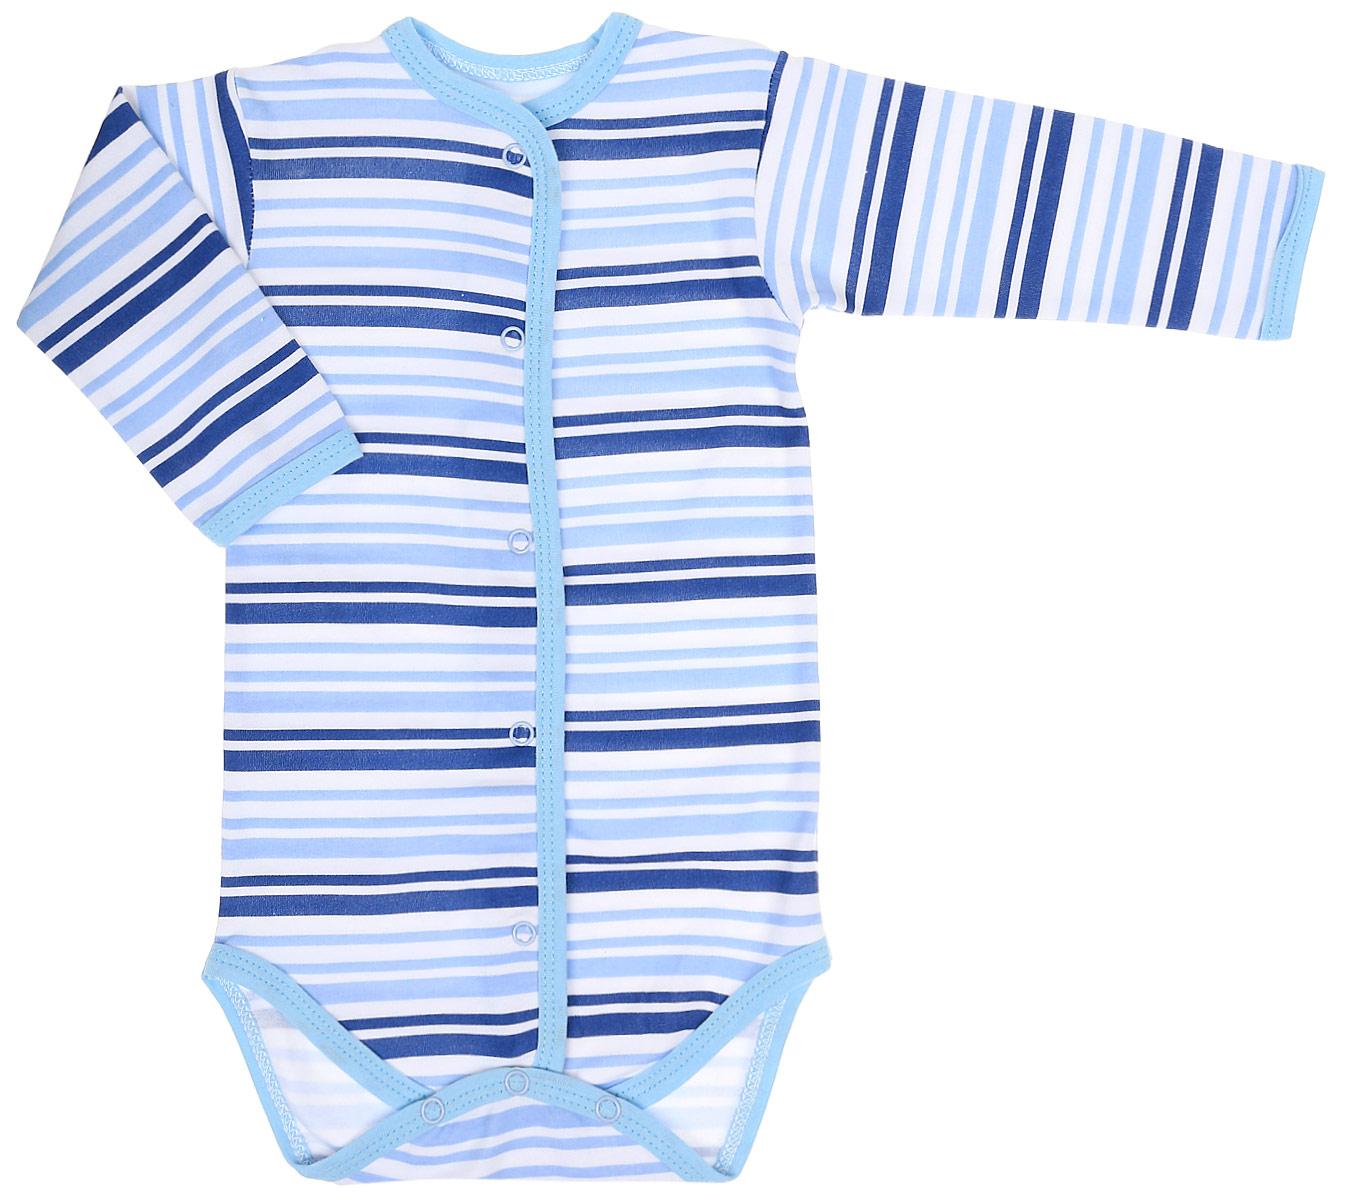 Боди для мальчика Чудесные одежки, цвет: белый, синий. 5898. Размер 745898Детское боди Чудесные одежки идеально подойдет вашему ребенку, обеспечивая ему наибольший комфорт. Боди с длинными рукавами изготовлено из натурального хлопка, благодаря чему оно необычайно мягкое и легкое, не раздражает нежную кожу ребенка и хорошо вентилируется. Боди не сковывает движения малыша, а удобные застежки-кнопки по всей длине и на ластовице помогают легко переодеть ребенка. Современный дизайн и яркая расцветка делают боди оригинальным и стильным предметом детского гардероба. В нем ваш ребенок всегда будет в центре внимания.